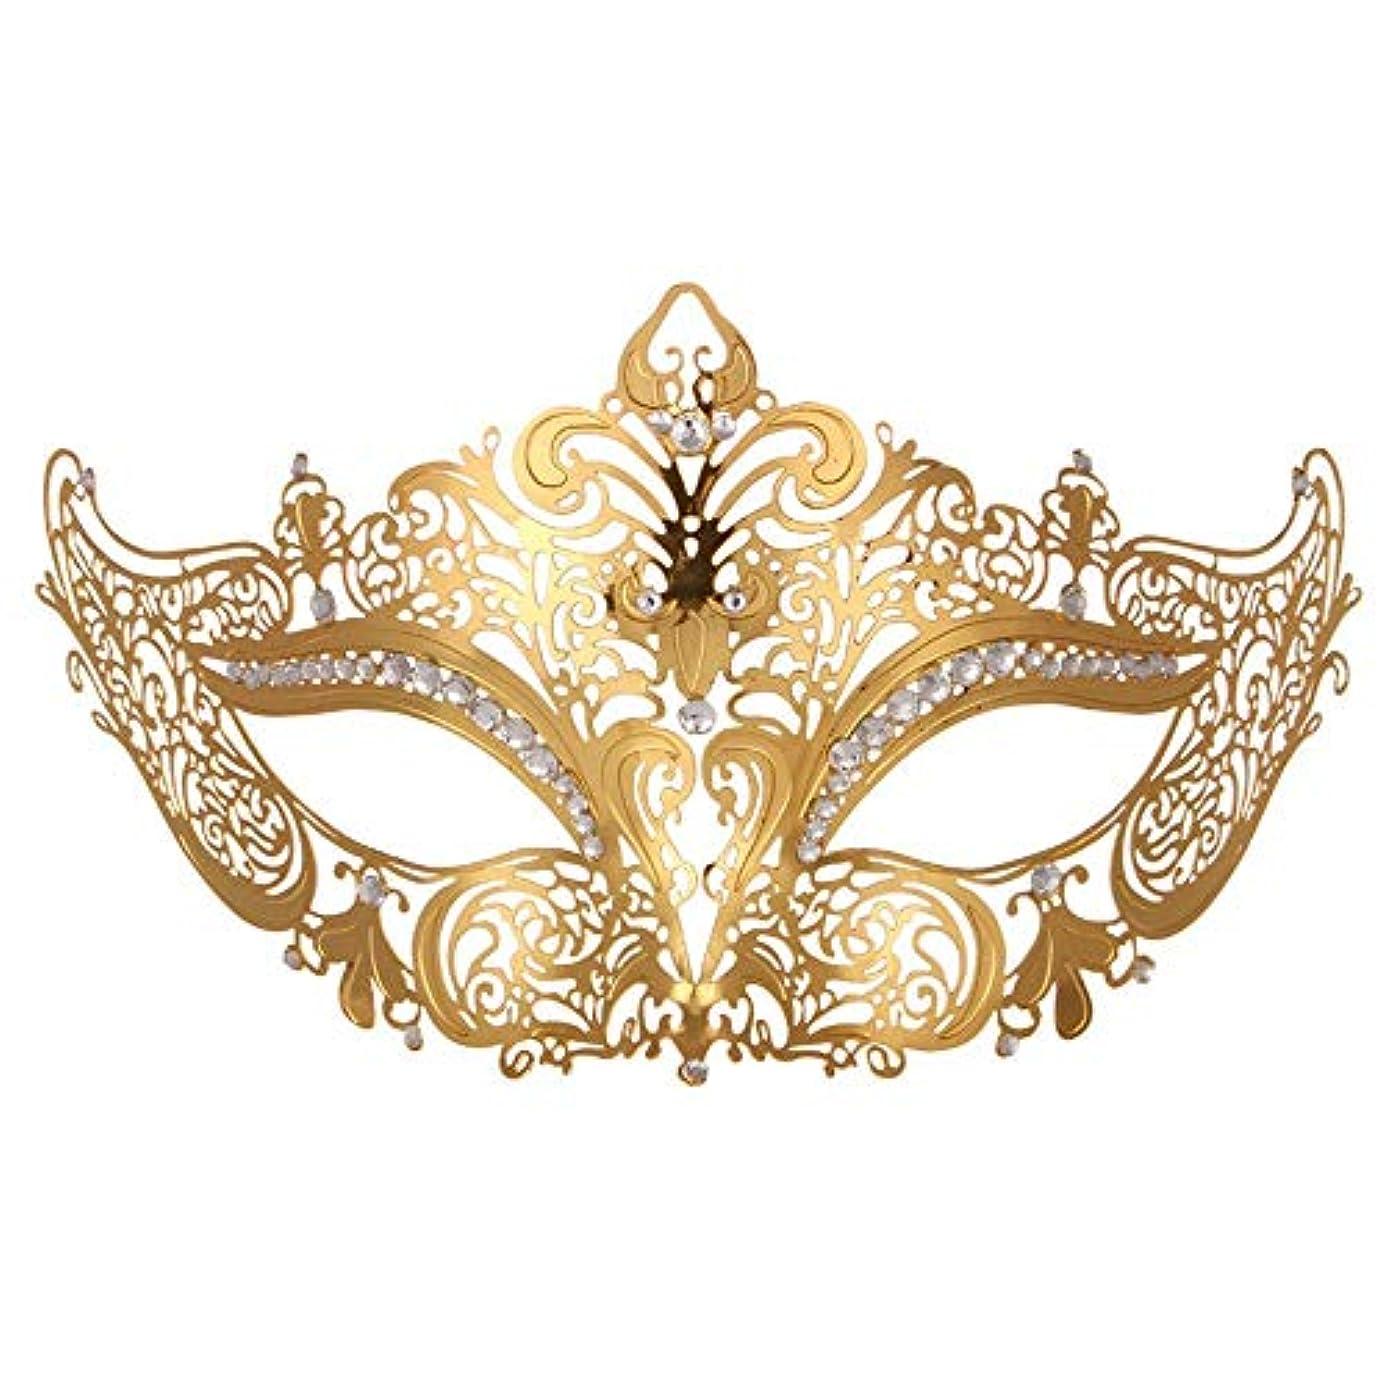 休憩行半導体ダンスマスク 高級金メッキ銀マスク仮装小道具ロールプレイングナイトクラブパーティーマスク ホリデーパーティー用品 (色 : ゴールド, サイズ : Universal)